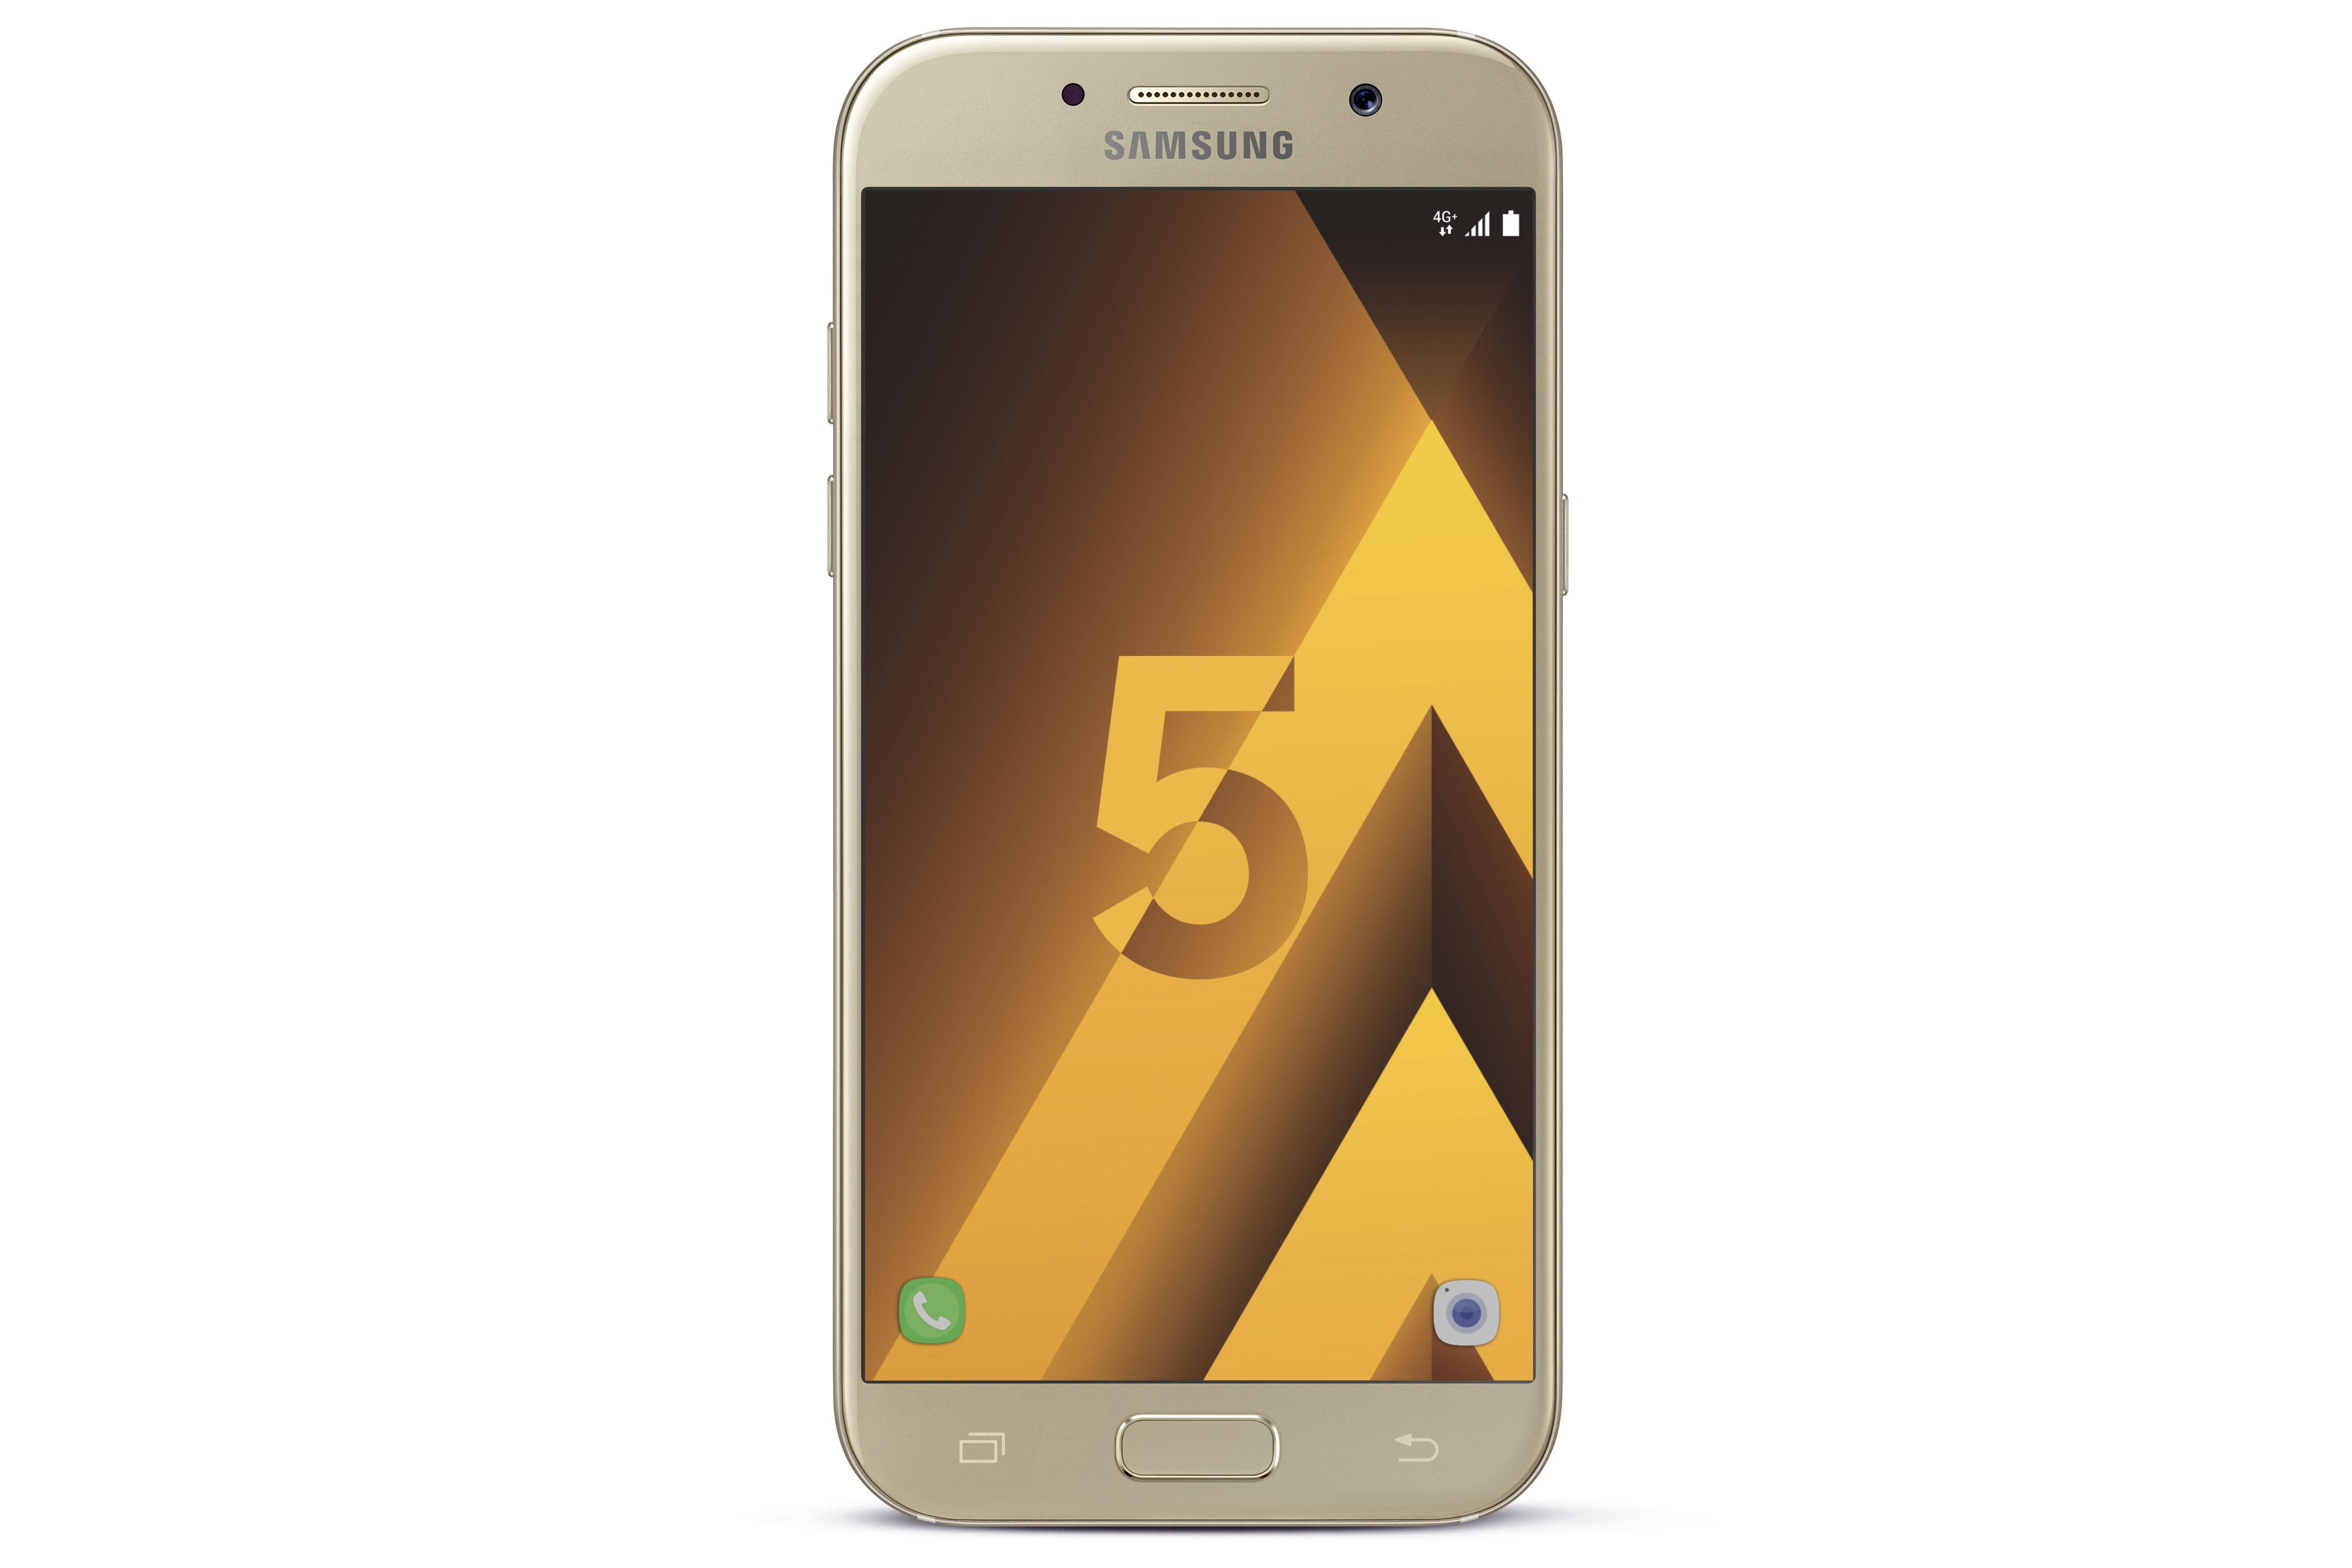 Galaxy A5 2017 - Or